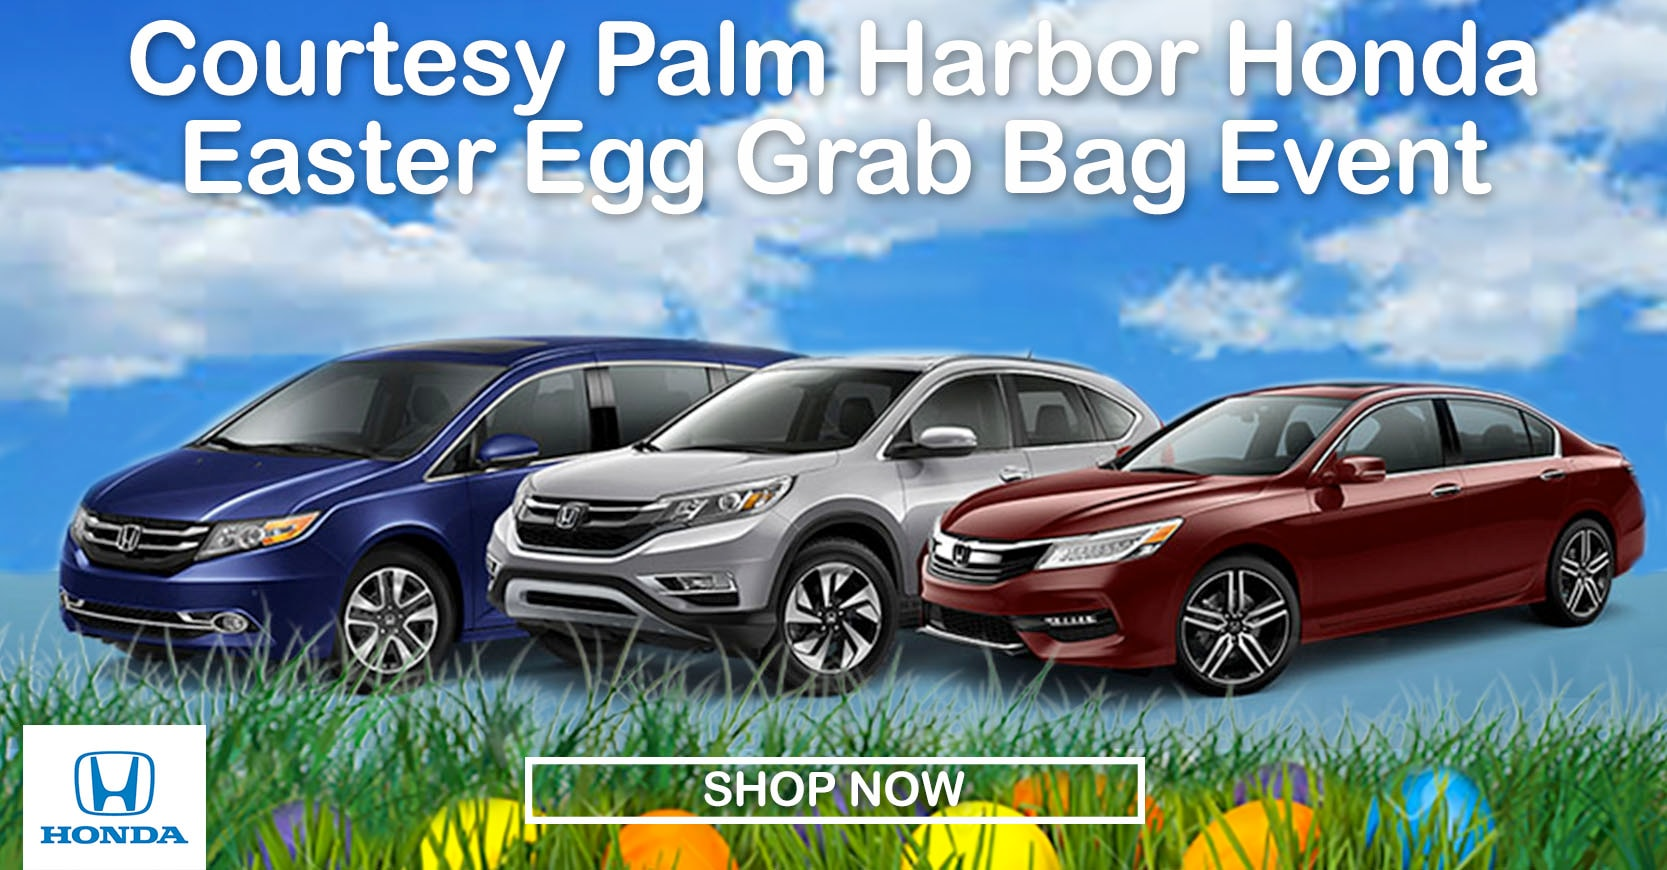 palm harbor honda easter egg grab bag honda cars for sale near tampa fl. Black Bedroom Furniture Sets. Home Design Ideas